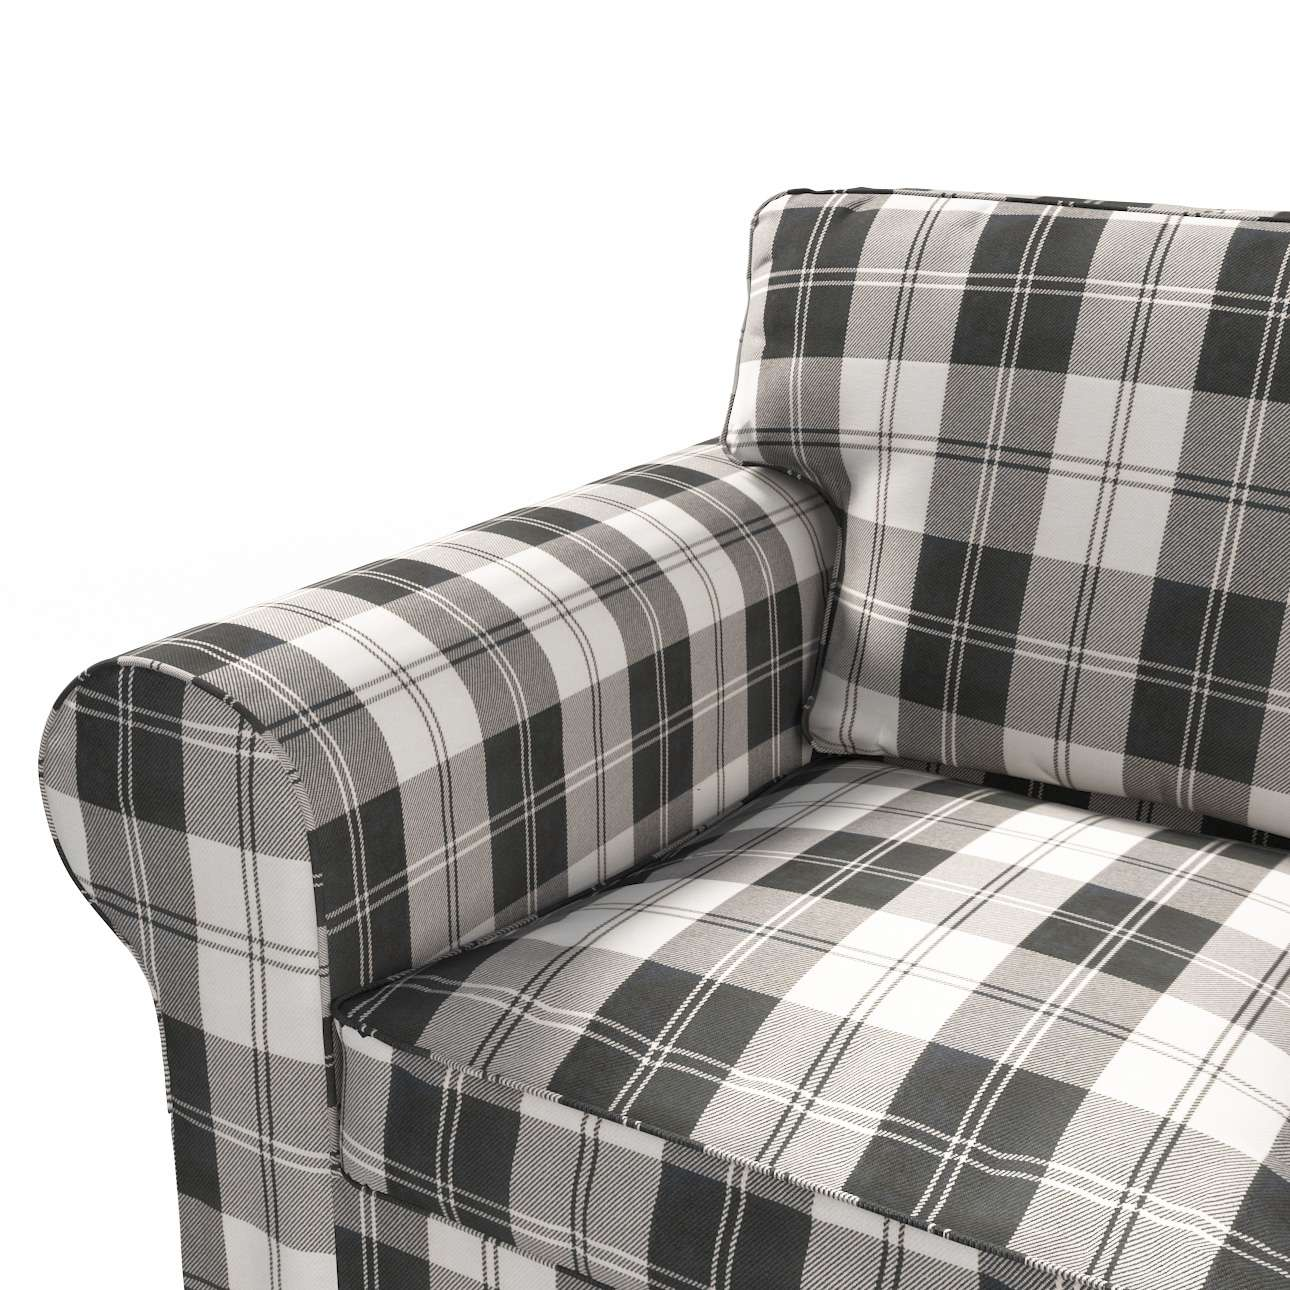 Pokrowiec na sofę Ektorp 2-osobową rozkładana NOWY MODEL 2012 sofa ektorp 2-osobowa rozkładana NOWY MODEL w kolekcji Edinburgh, tkanina: 115-74